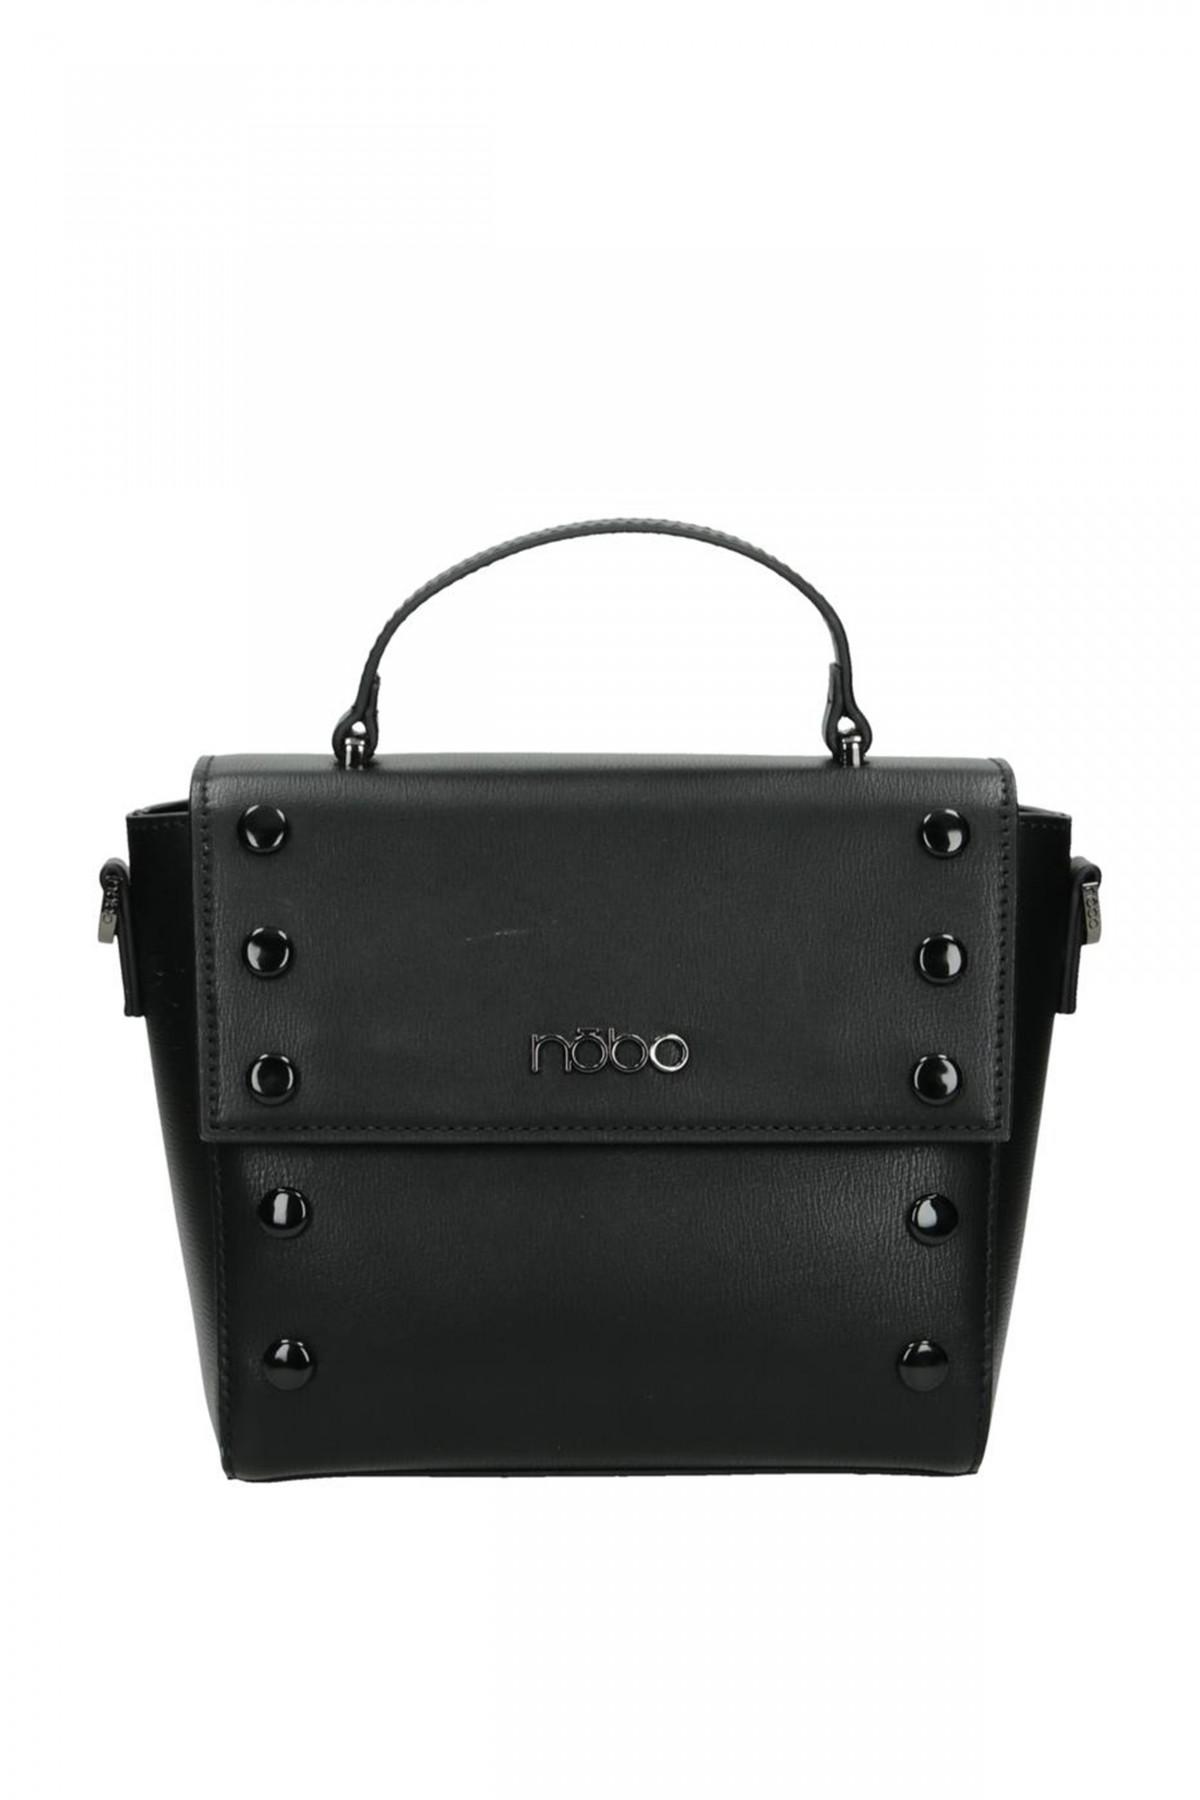 486d986dcae43 Torebki kuferki – wybieramy najpiękniejsze modele - Blog o modzie ...